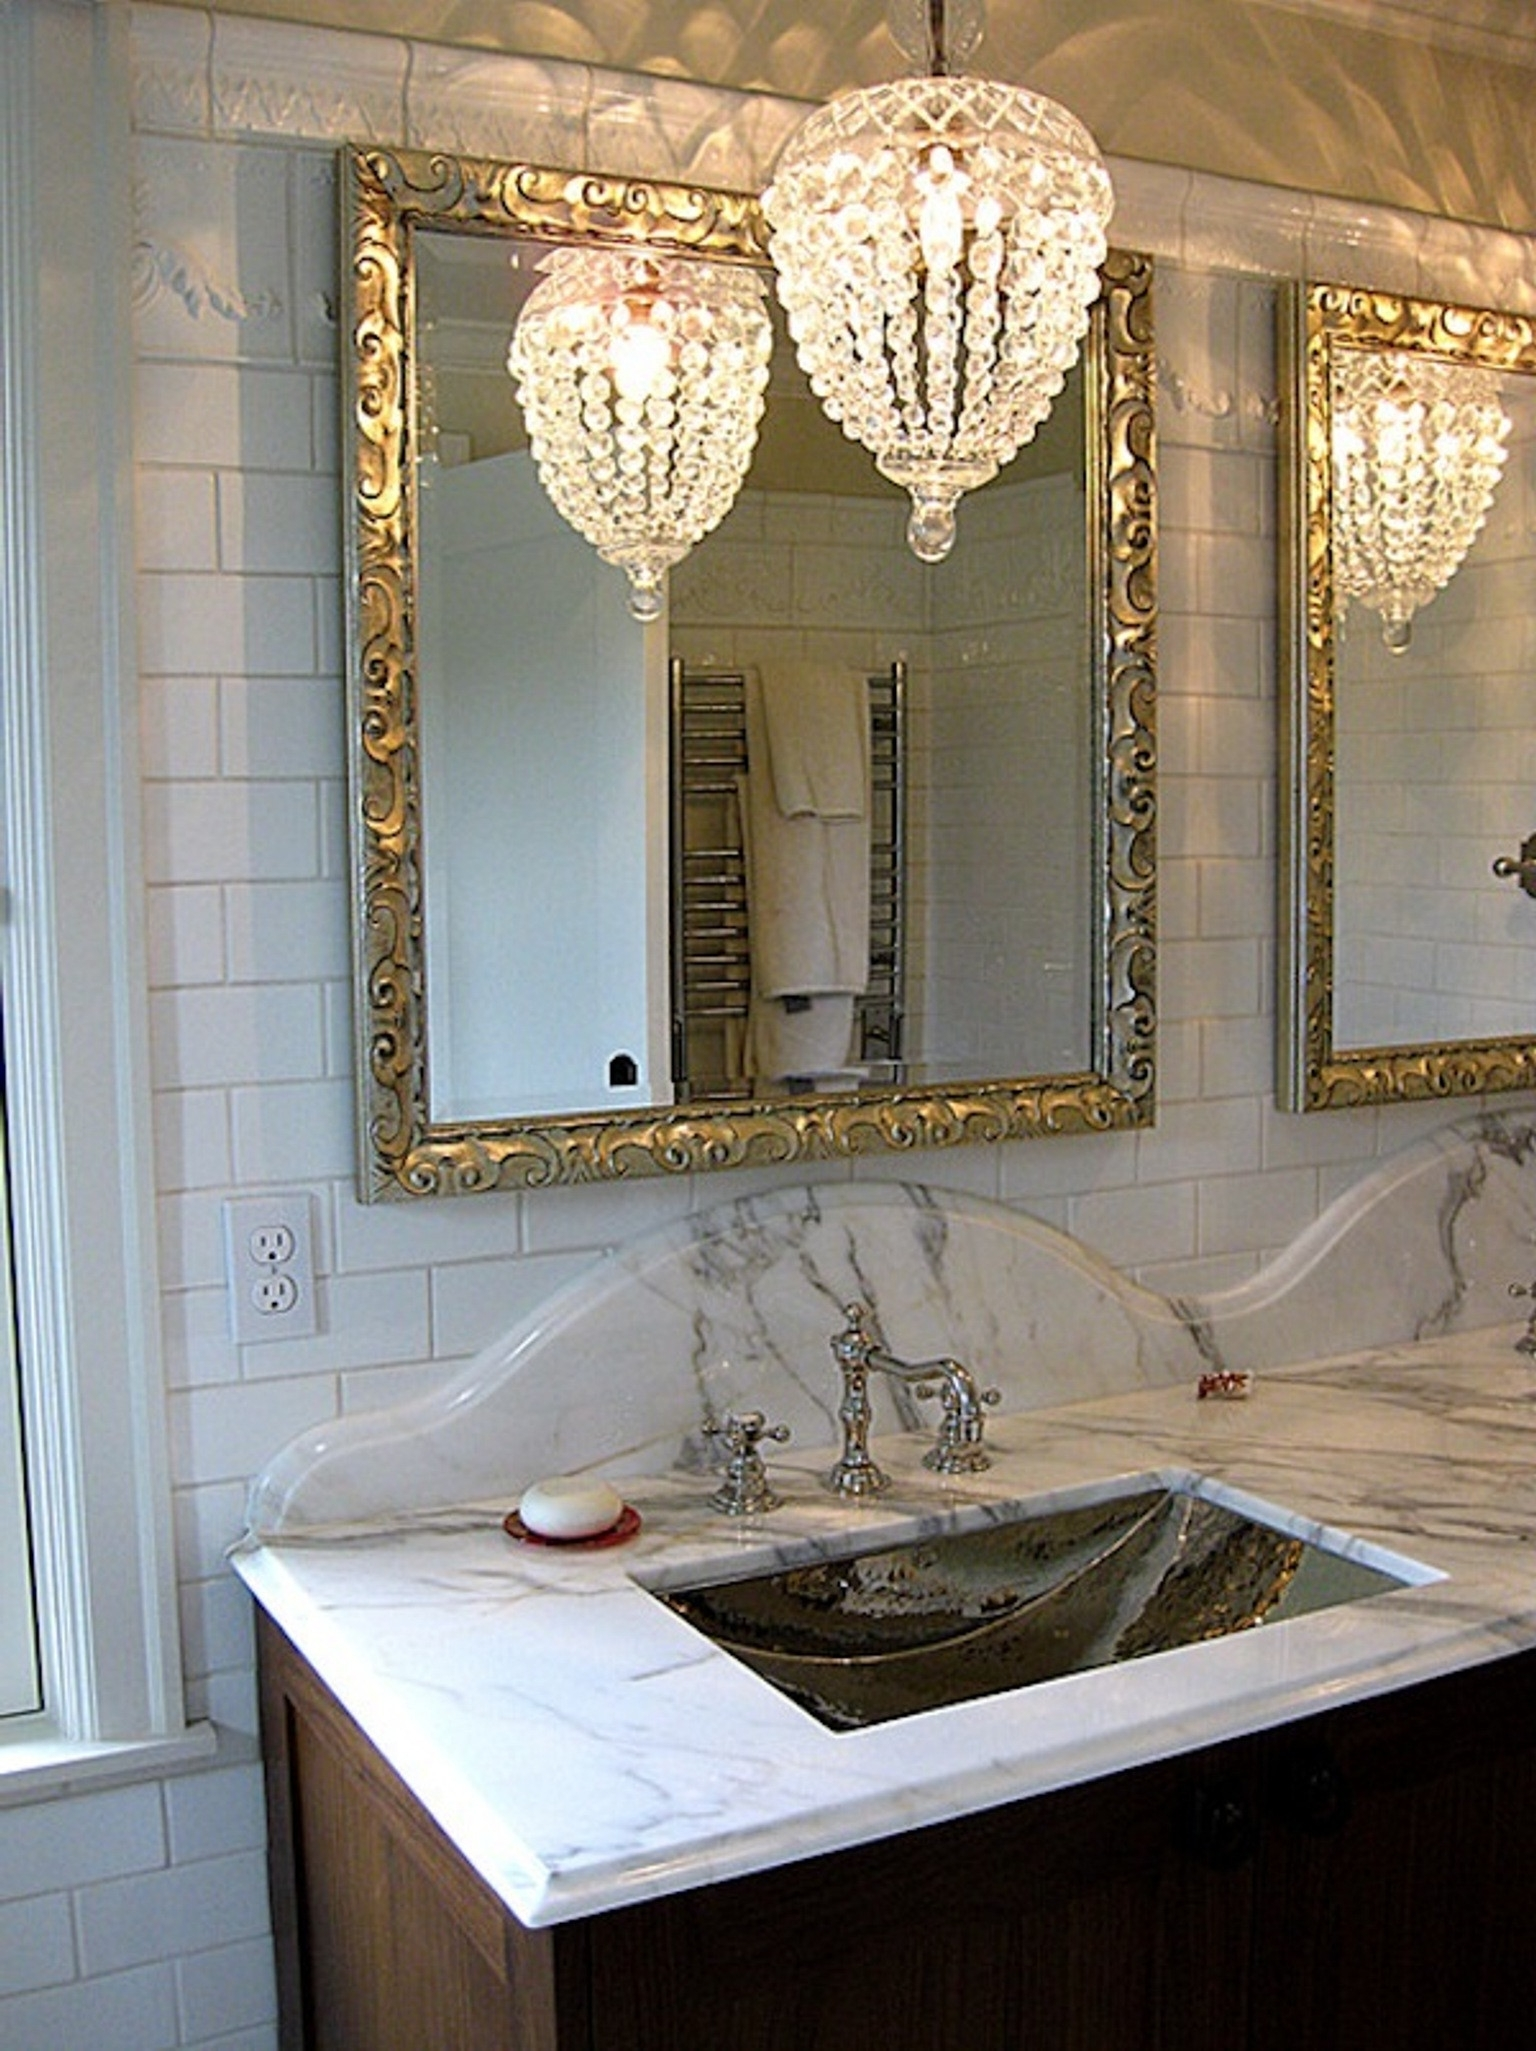 Chandeliers : Bathroom Chandeliers Ideas Elegant Beneficial Bathroom With Current Chandelier Bathroom Lighting Fixtures (View 7 of 20)